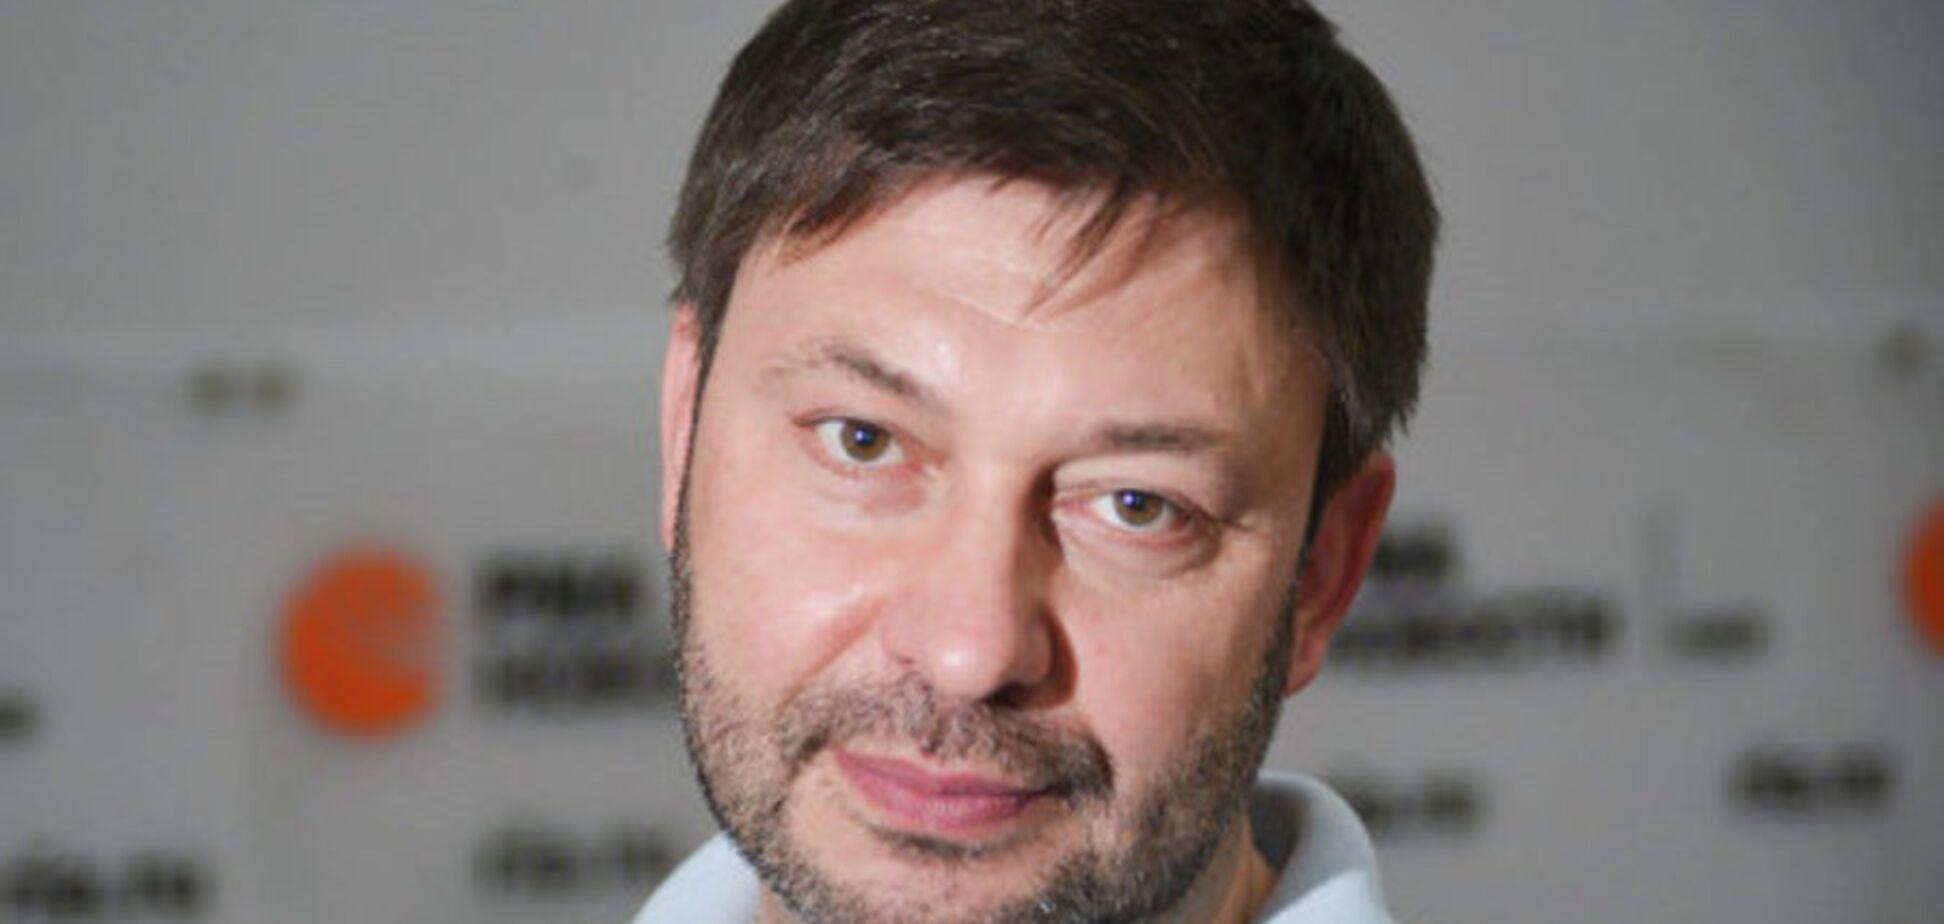 Затримання пропагандиста РФ в Києві: у Авакова сказали, що потрібно з ним зробити